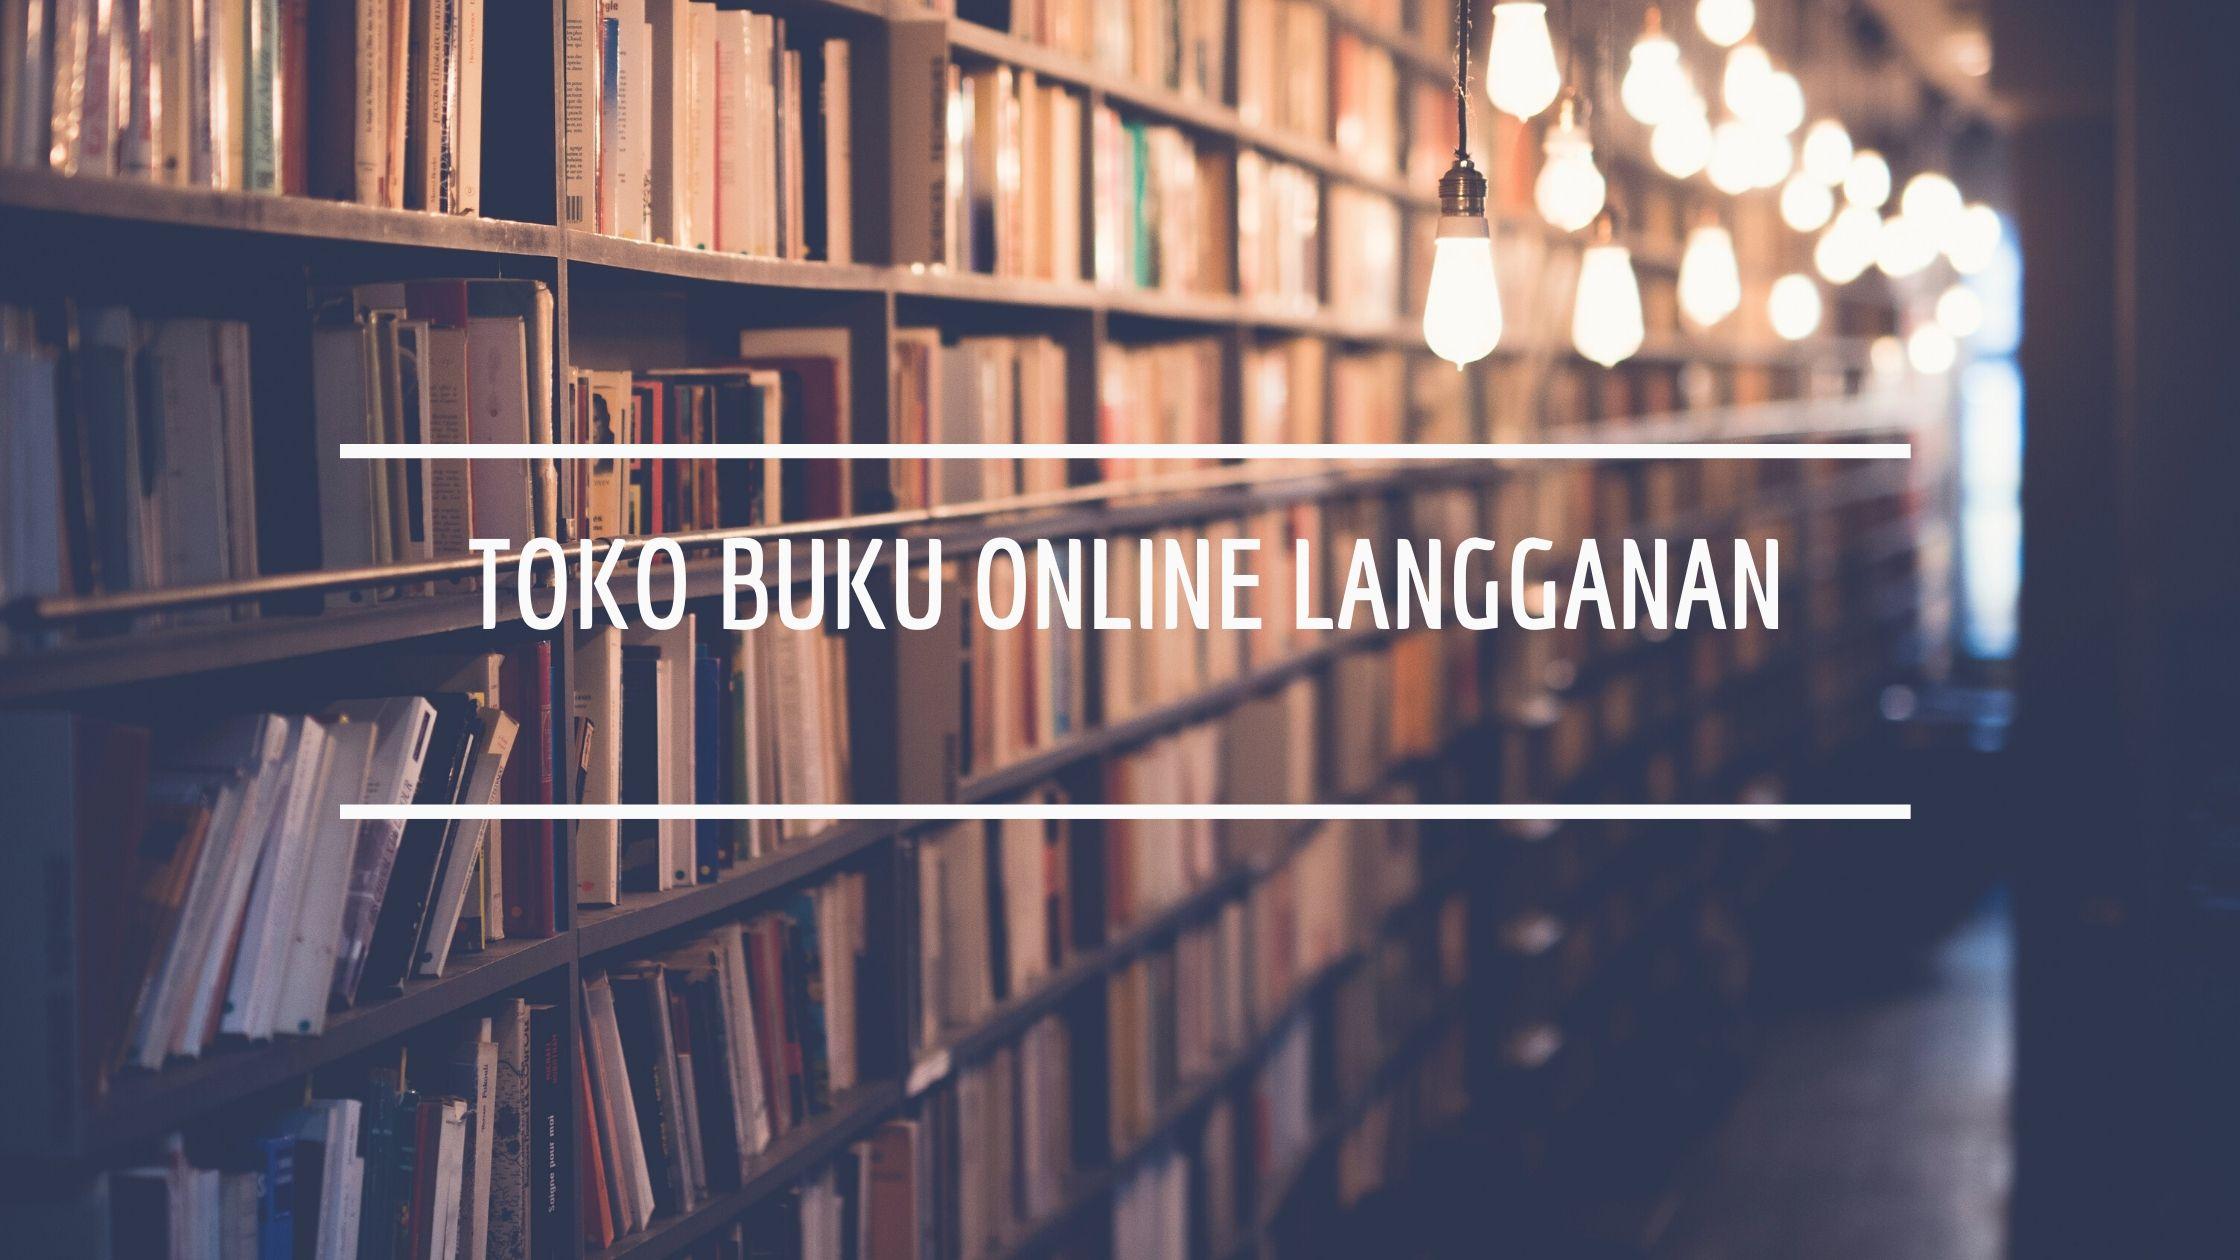 Toko Buku Online Langganan